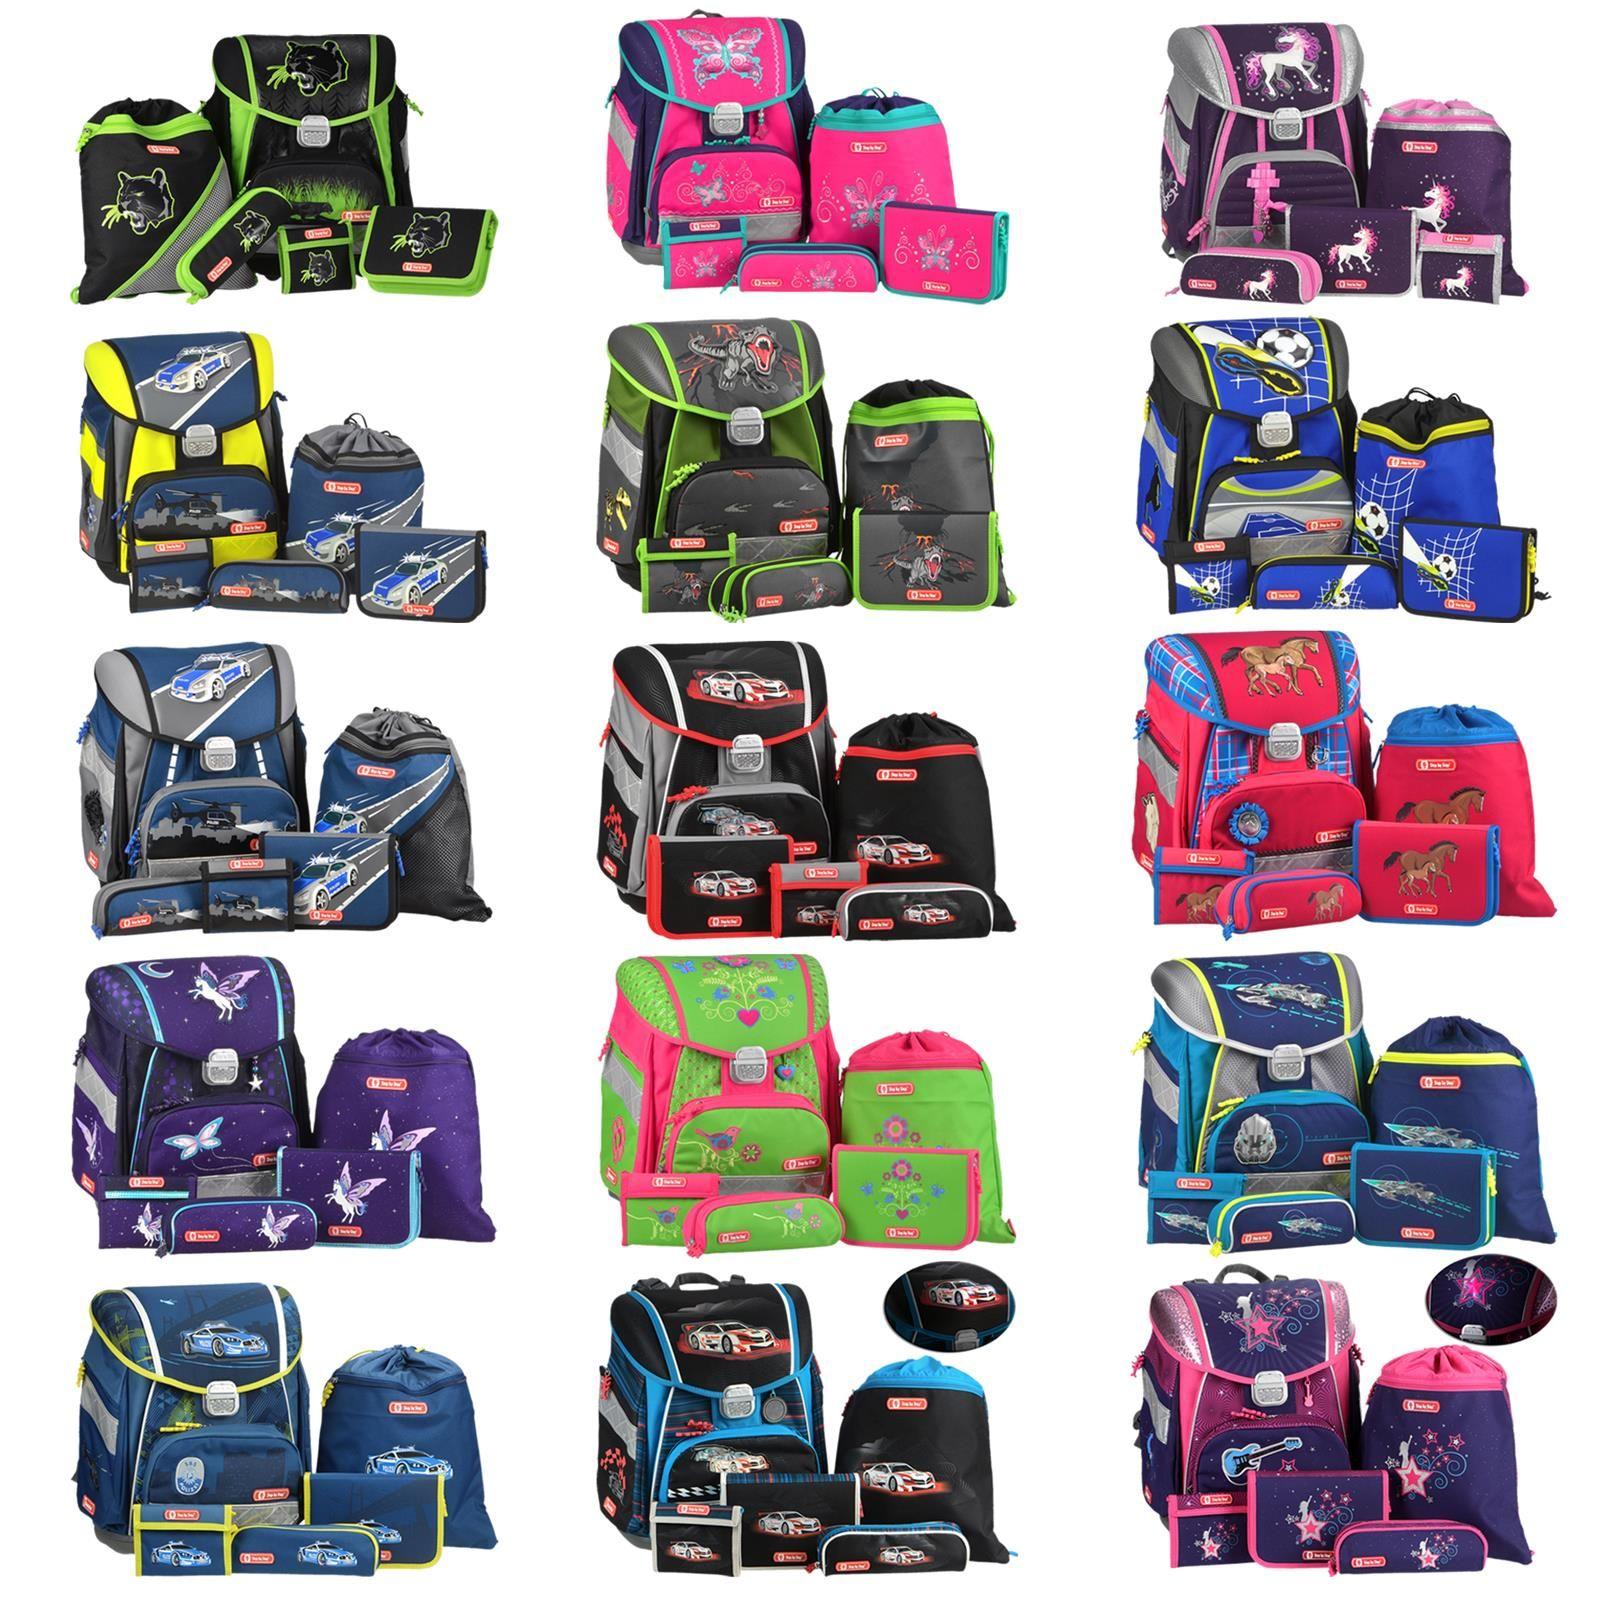 Schulranzen Set Step By Step 5teilig Rucksack Ranzen 1 Klasse Ab Lager Sofort Schulranzen Schulranzen Set Schule